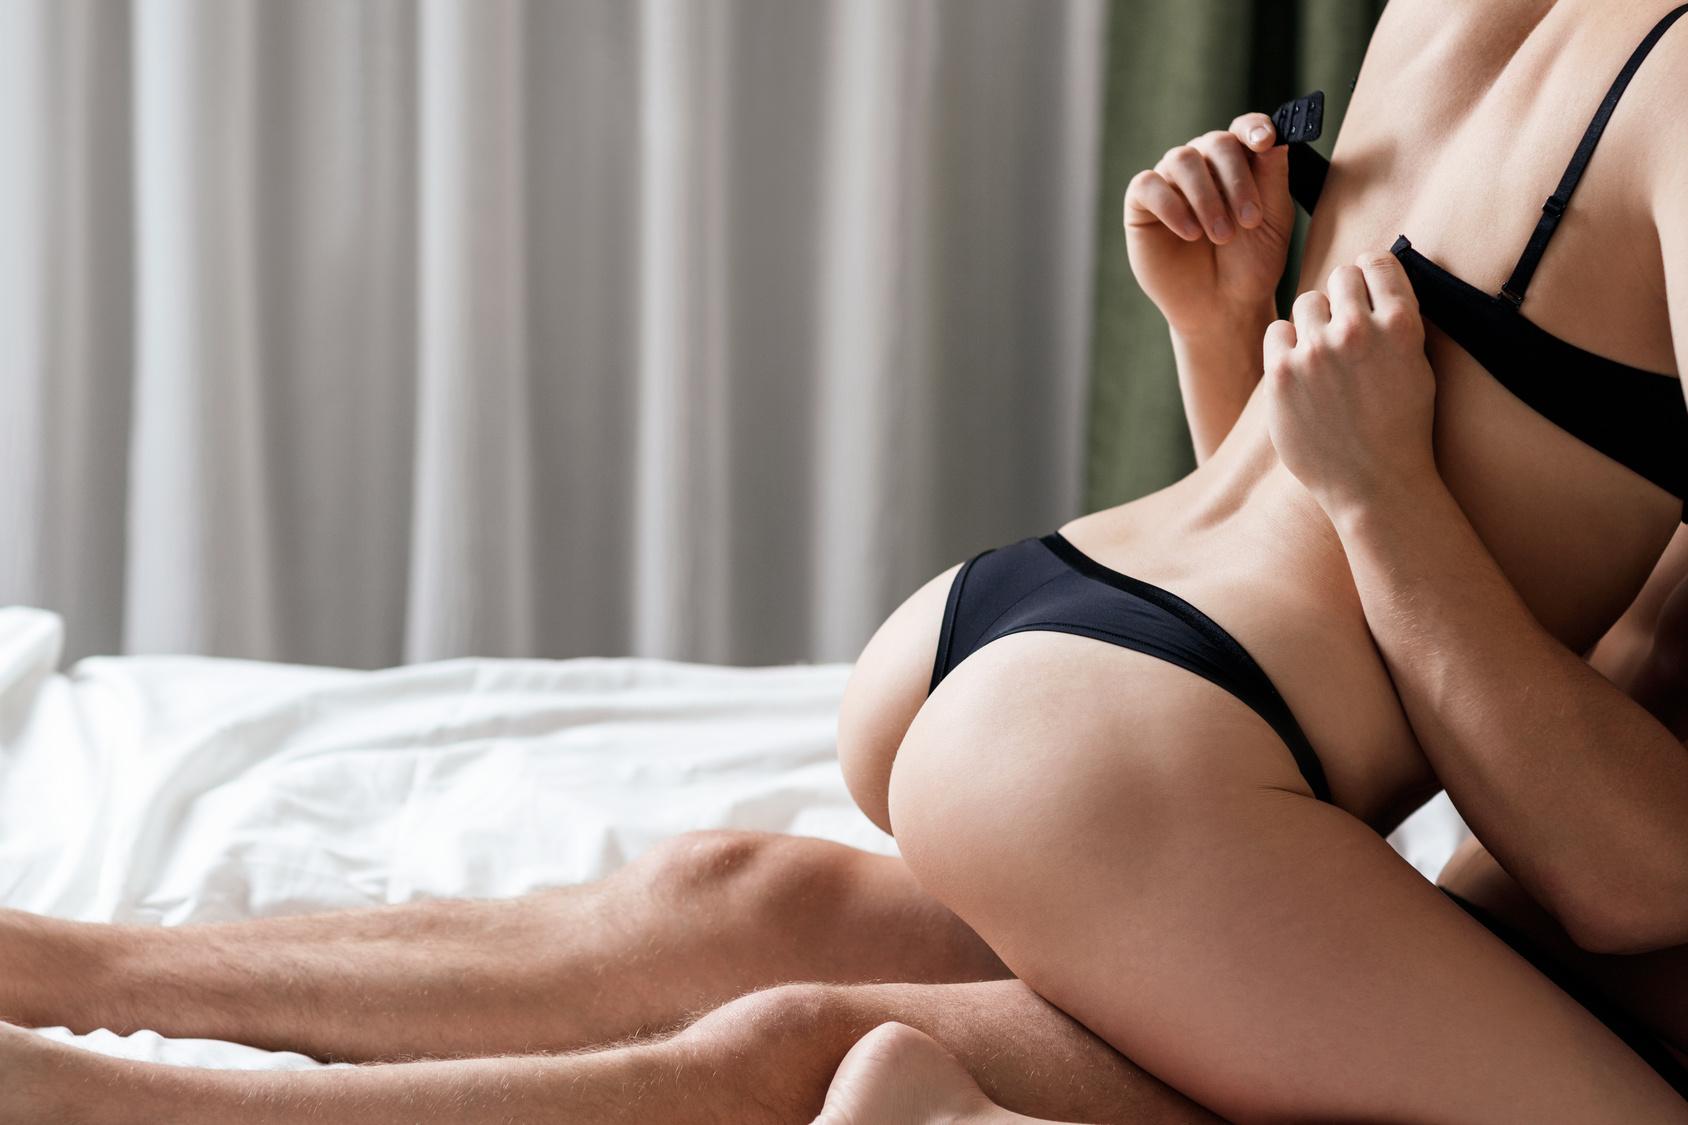 なる 方法 気持ち良く 「感じすぎちゃう!」女性が本当に気持ちよくなる体位8選